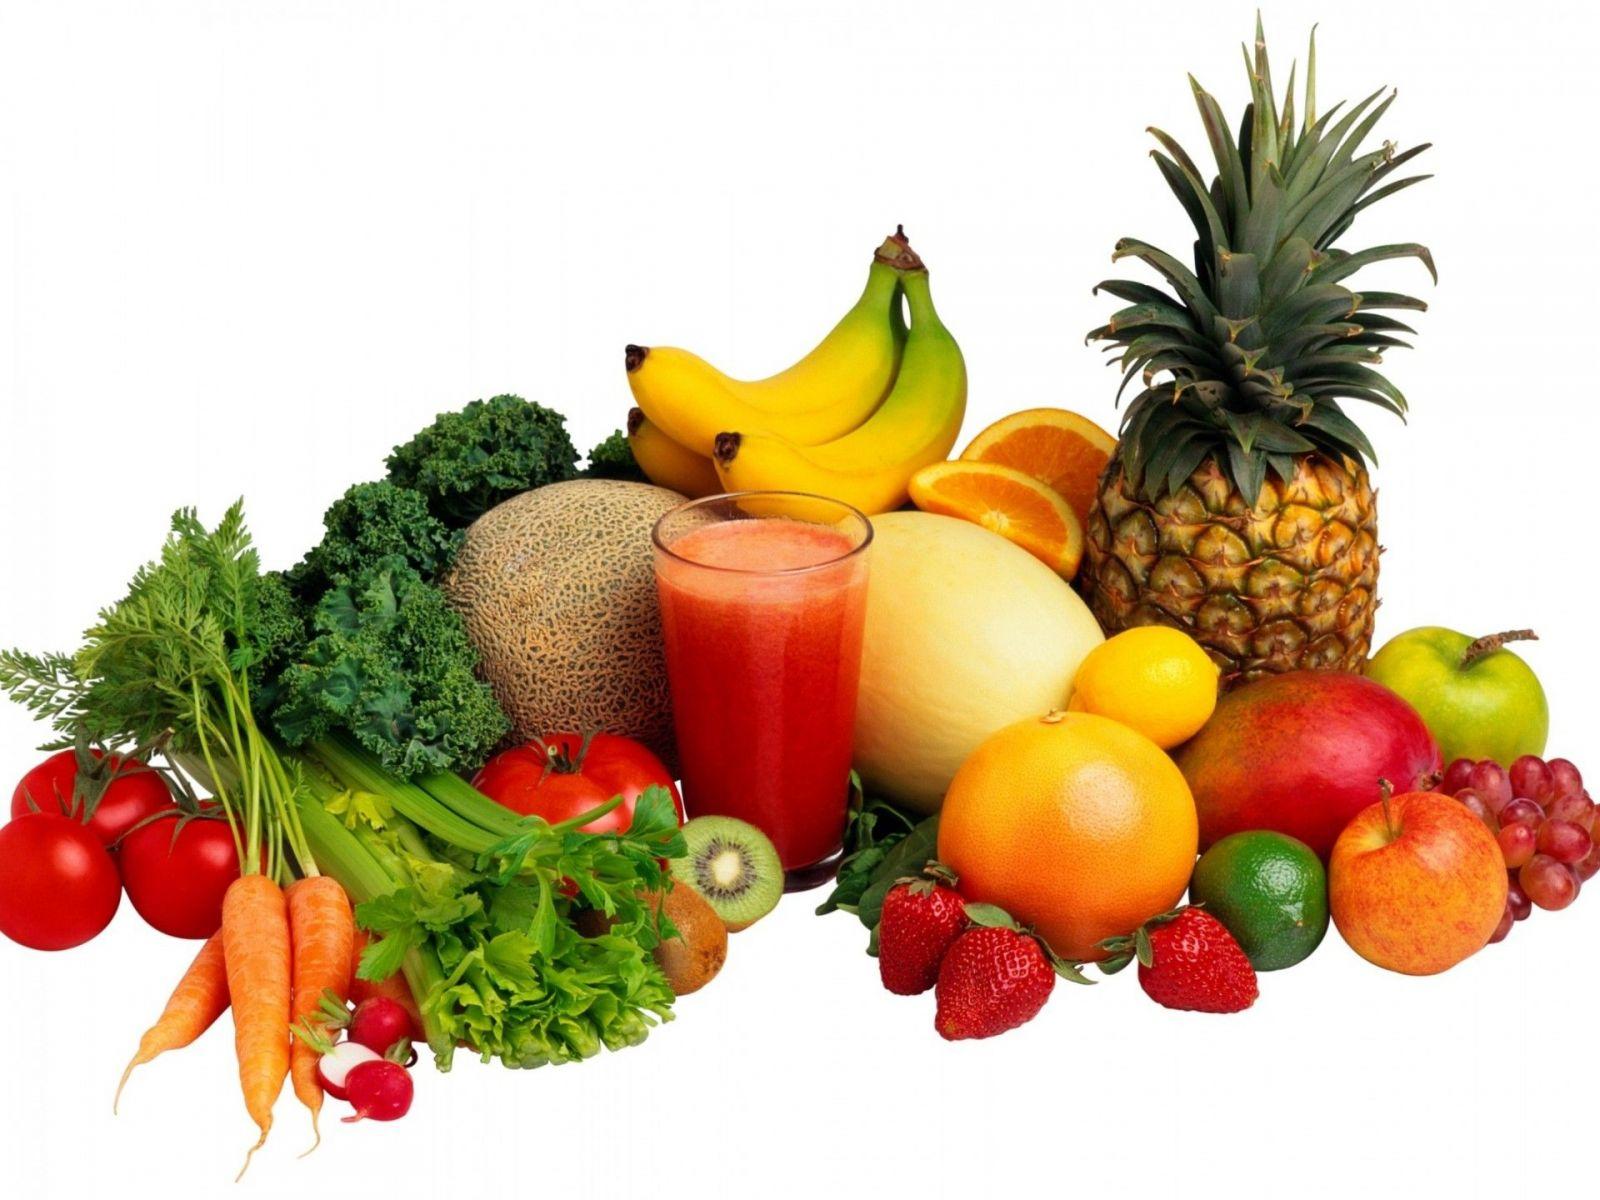 Ăn nhiều trái cây, rau xanh hỗ trợ phòng ngừa ung thư phổi hiệu quả